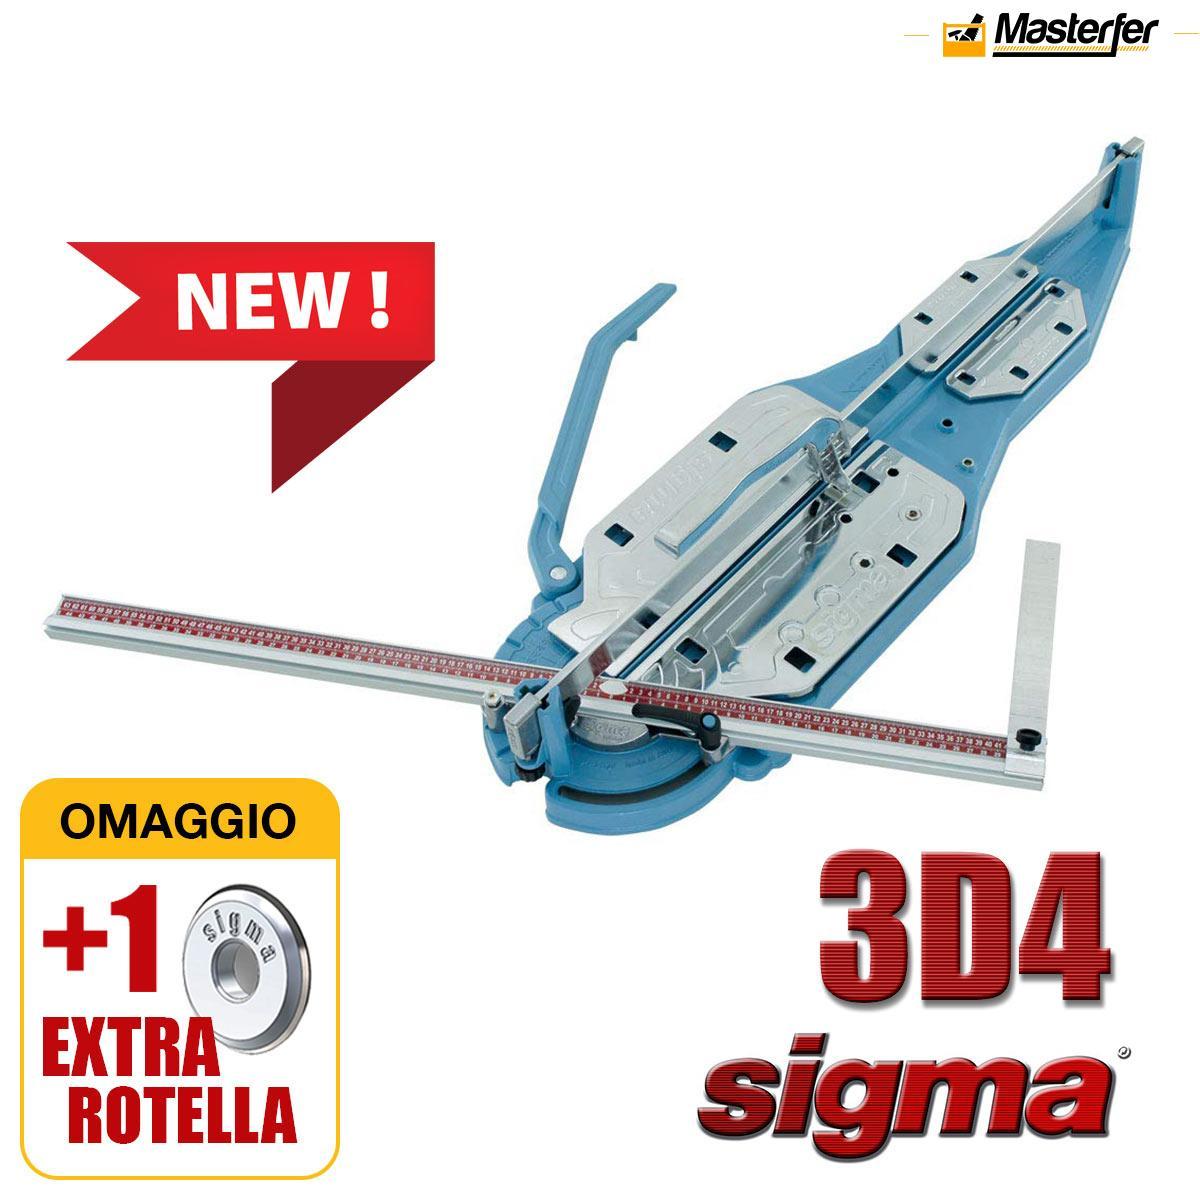 SIGMA 3D2 95cm TAGLIAPIASTRELLE Professionale Grès Mattonelle Prodotto Italiano